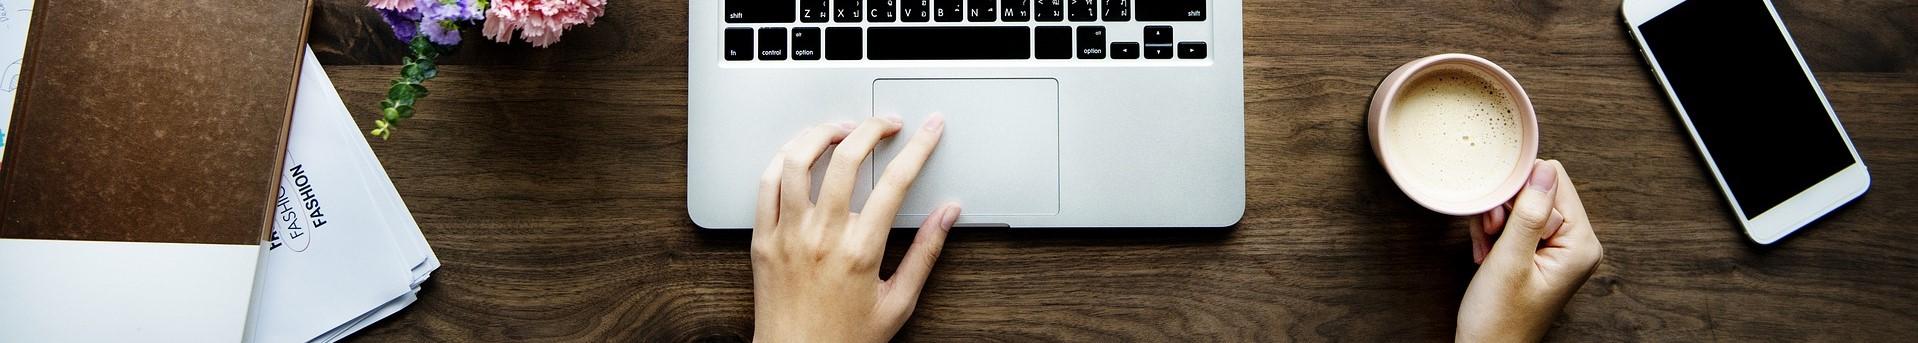 automatisch documenten opmaken